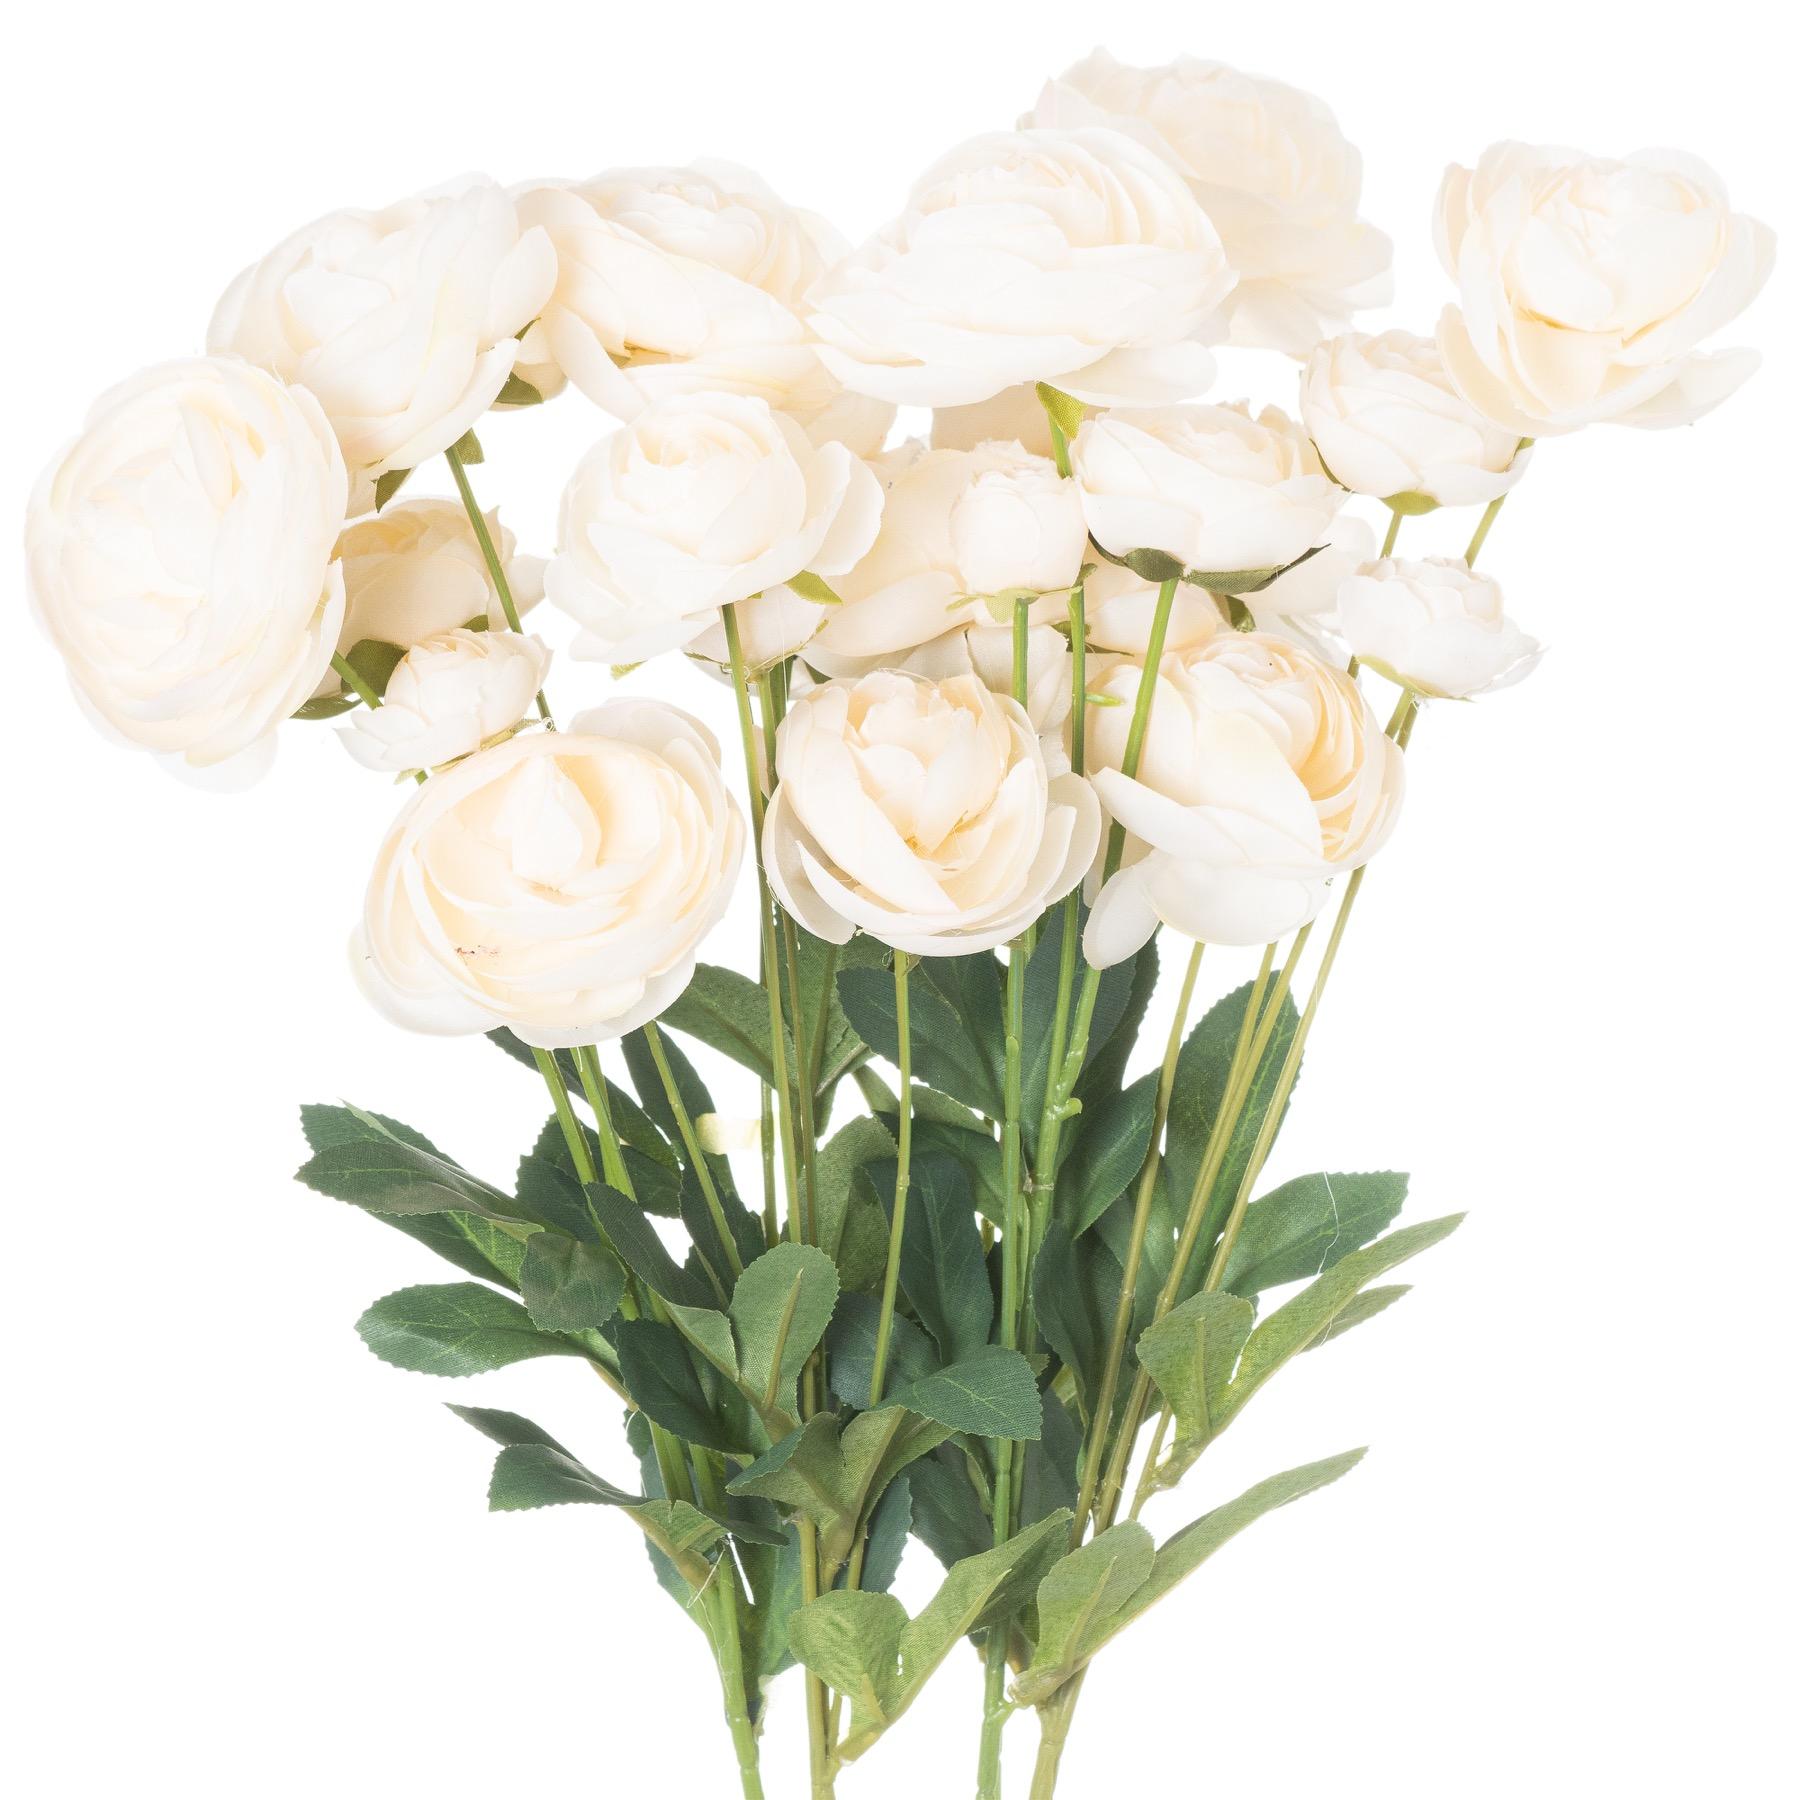 Cream Ranunculus - Image 1